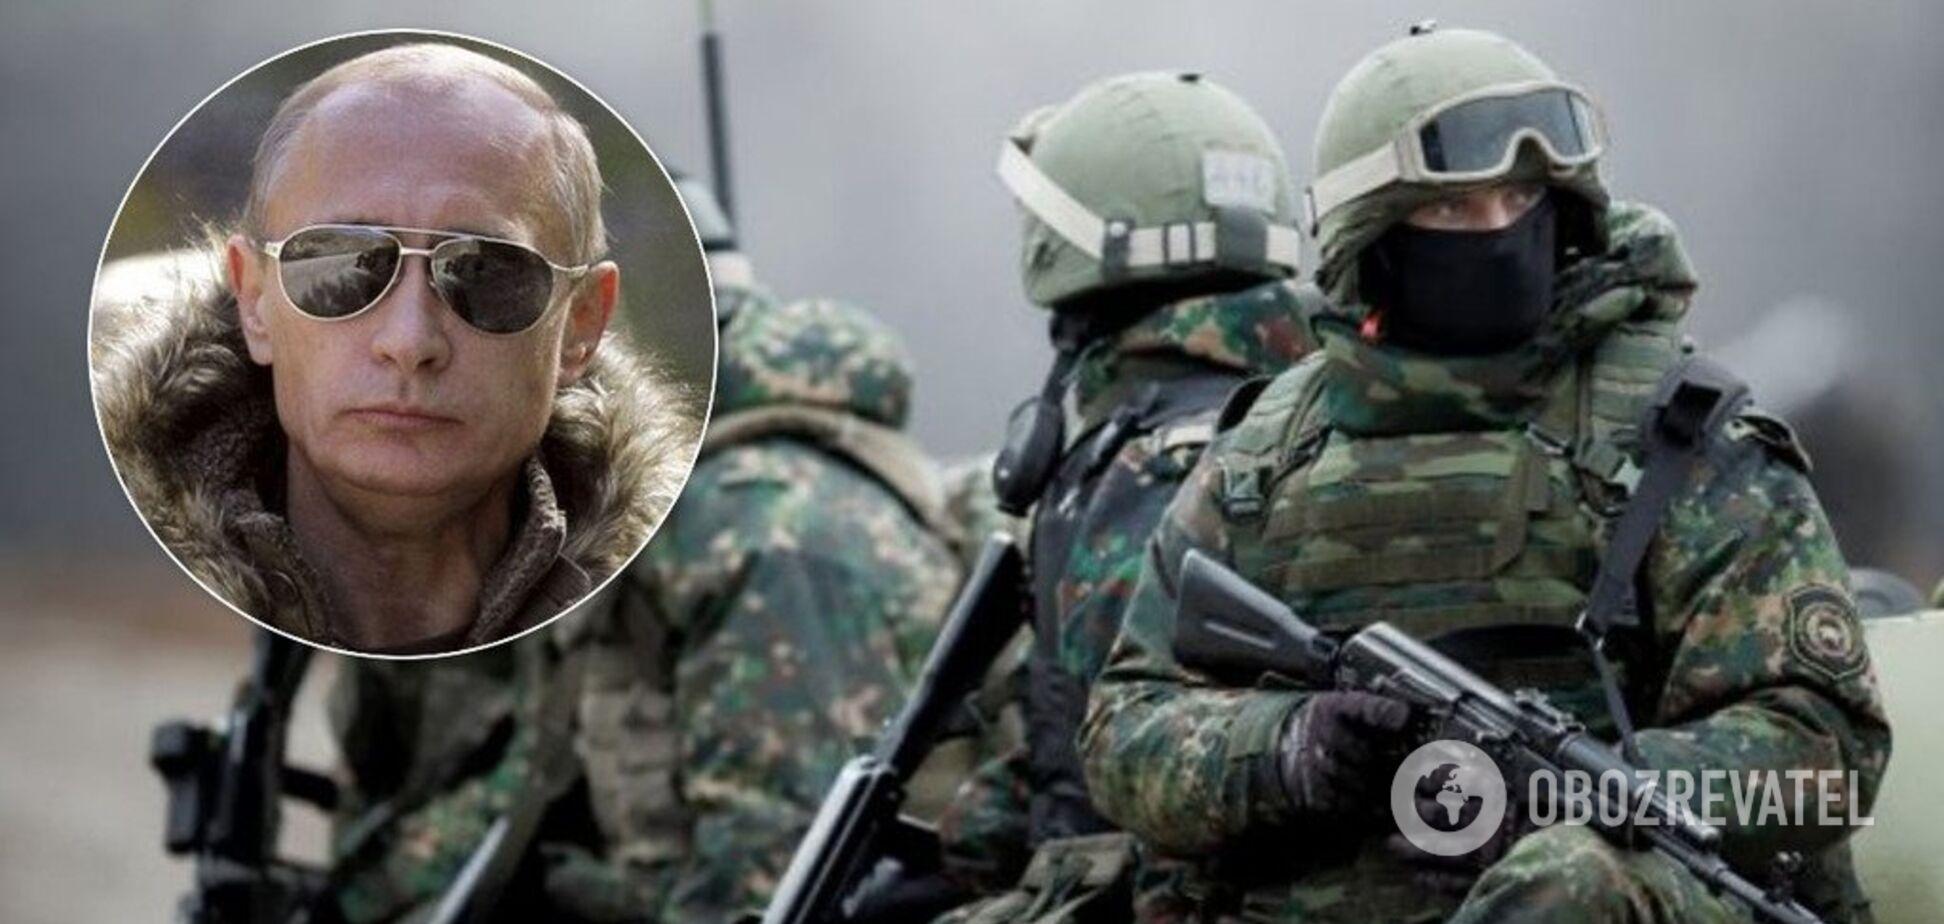 'Закриті і автономні': генерал розповів, чим зайнятий путінський спецпідрозділ ГРУ